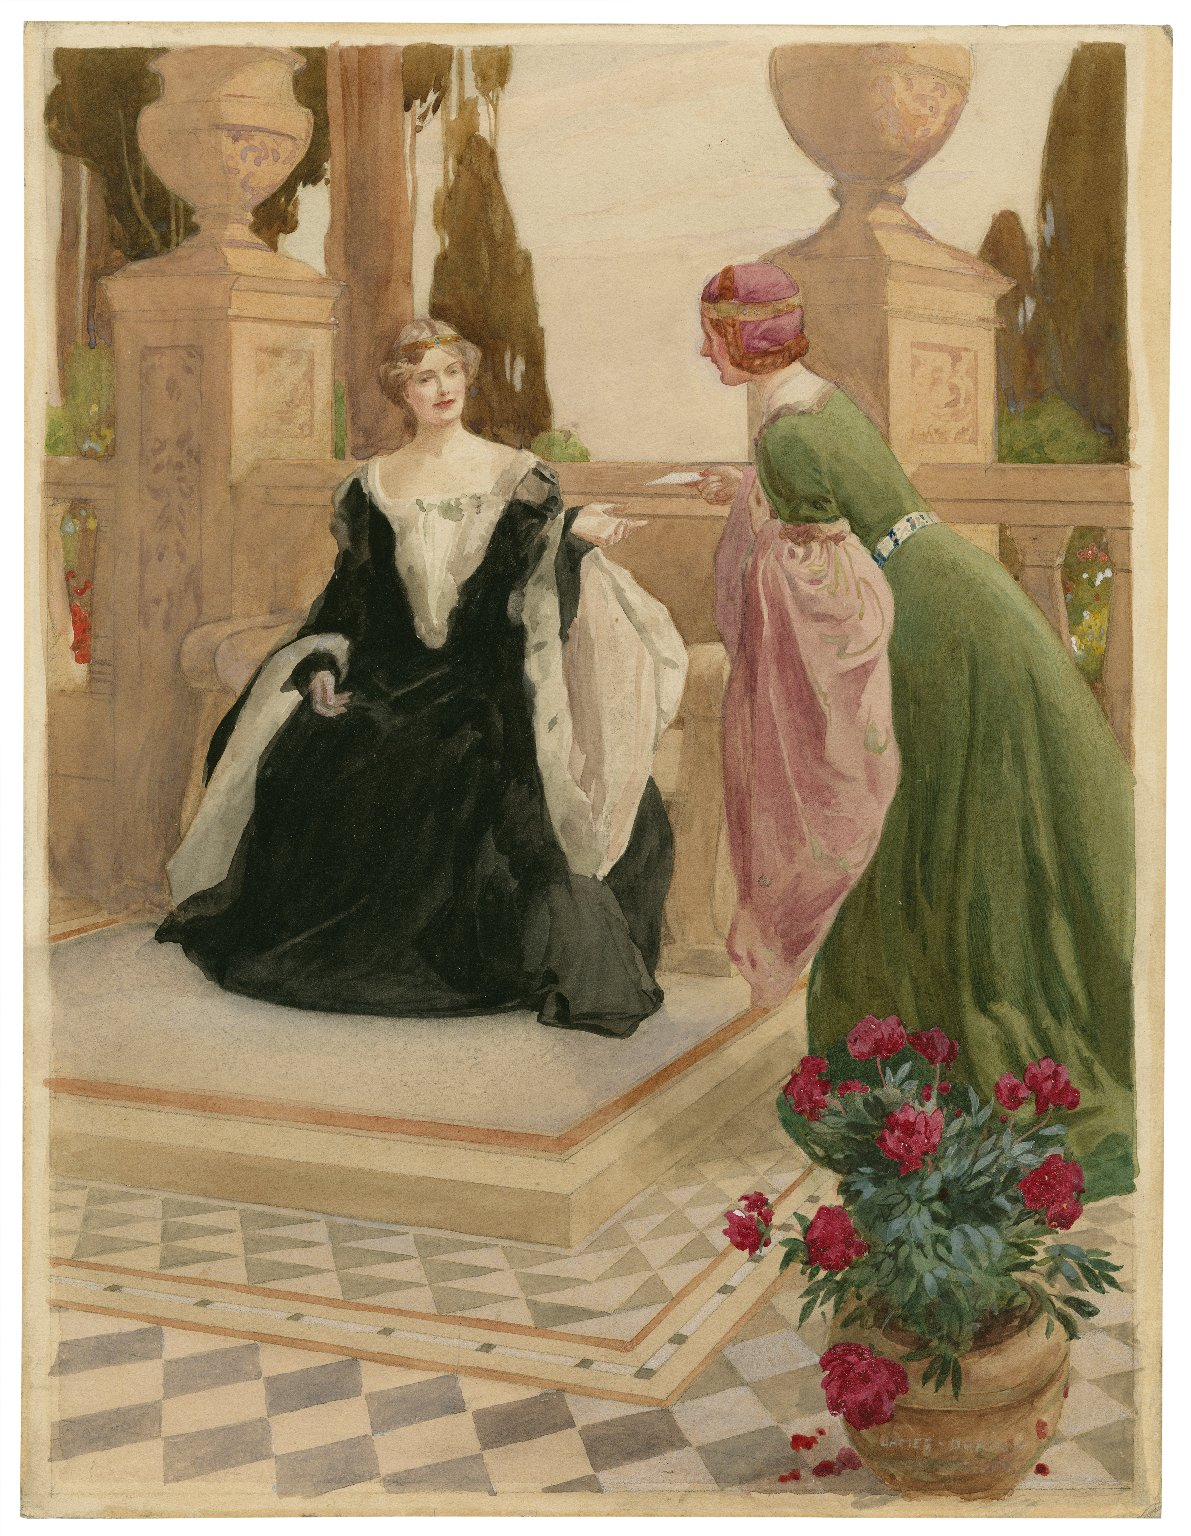 [Two gentlemen of Verona, act 1, scene 2, Julia and Lucetta in the garden] [graphic] / James Durden.